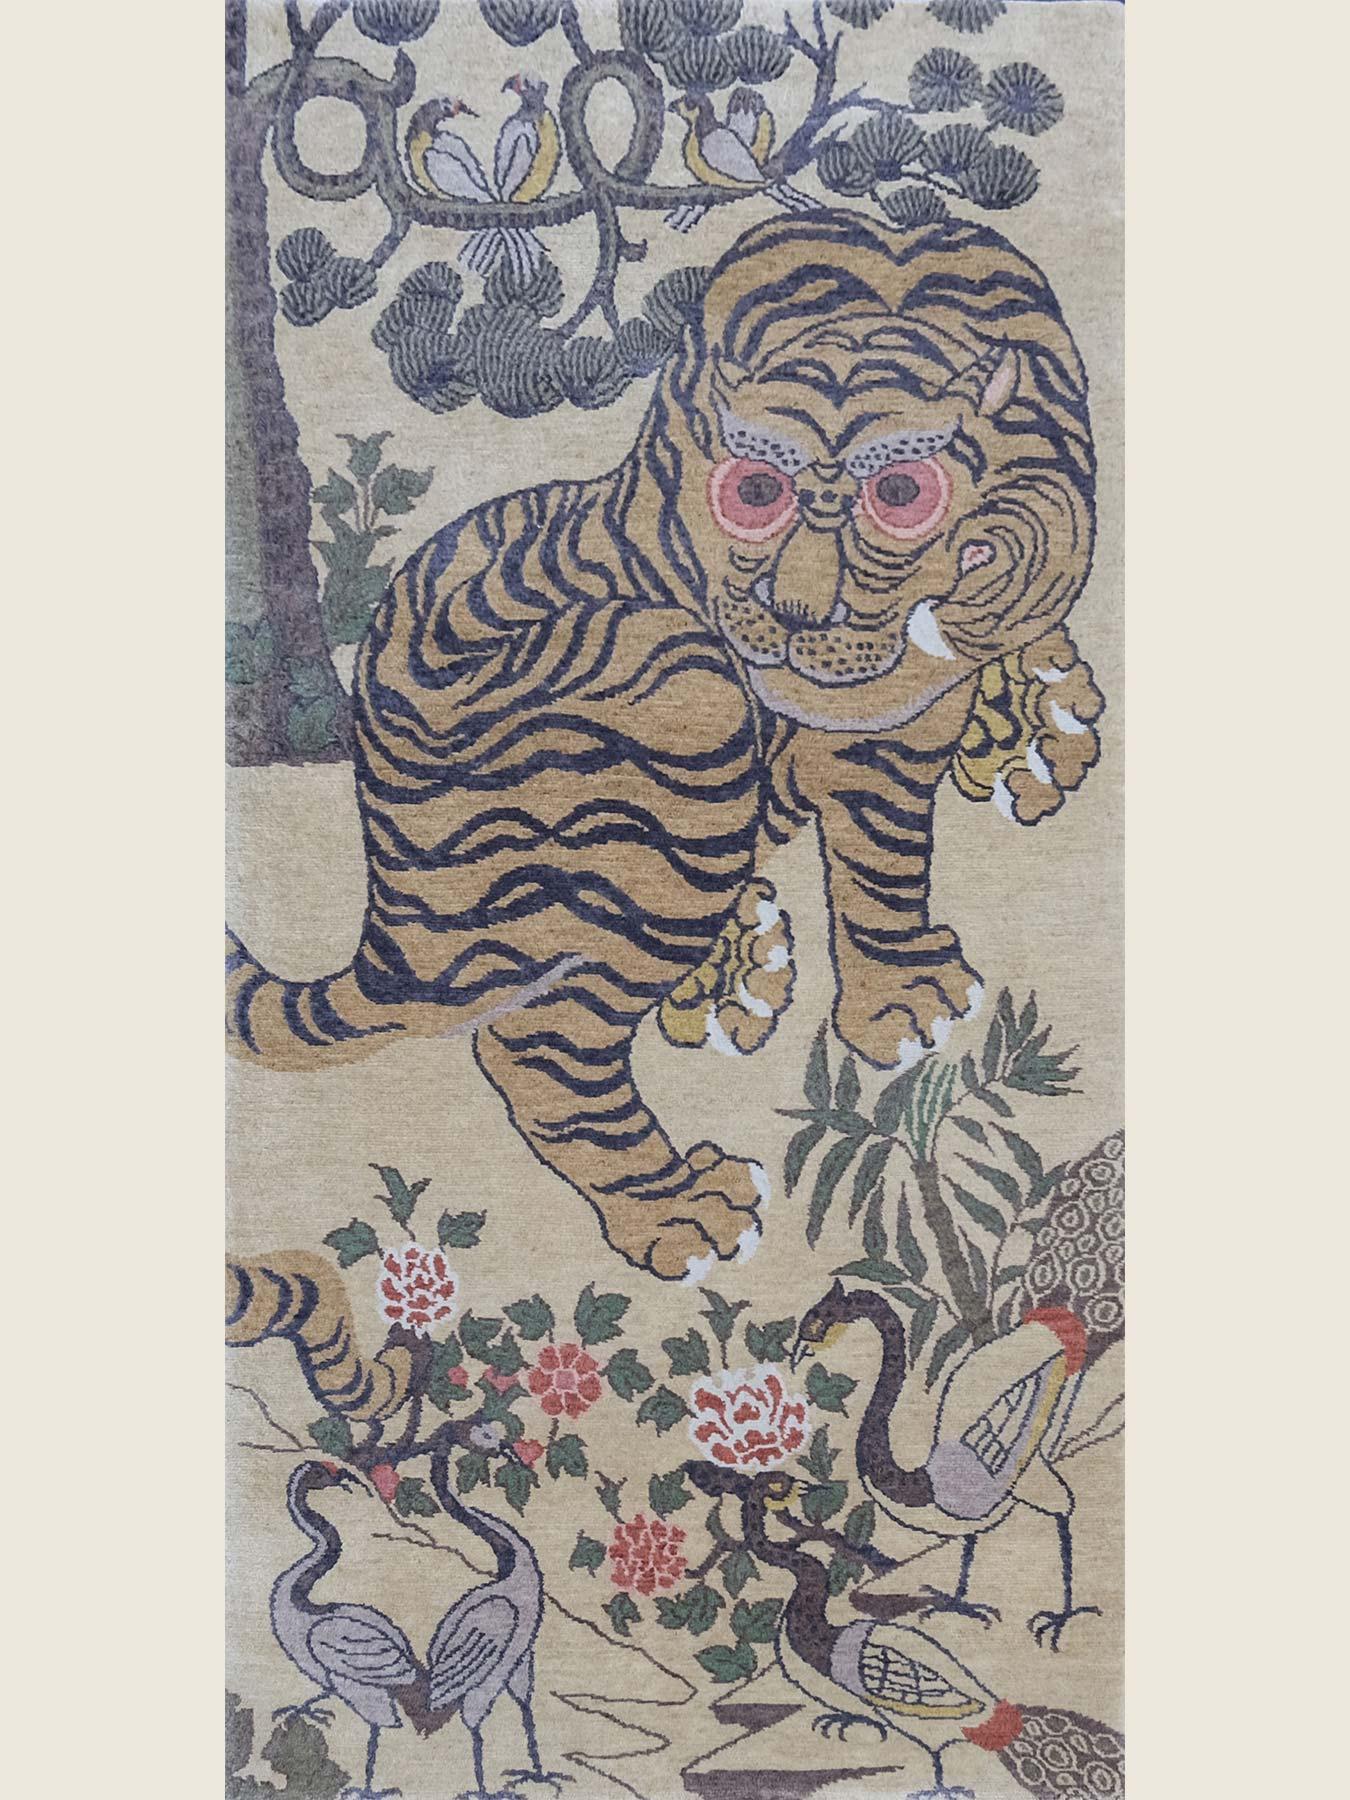 tiger roar in forest zt-41